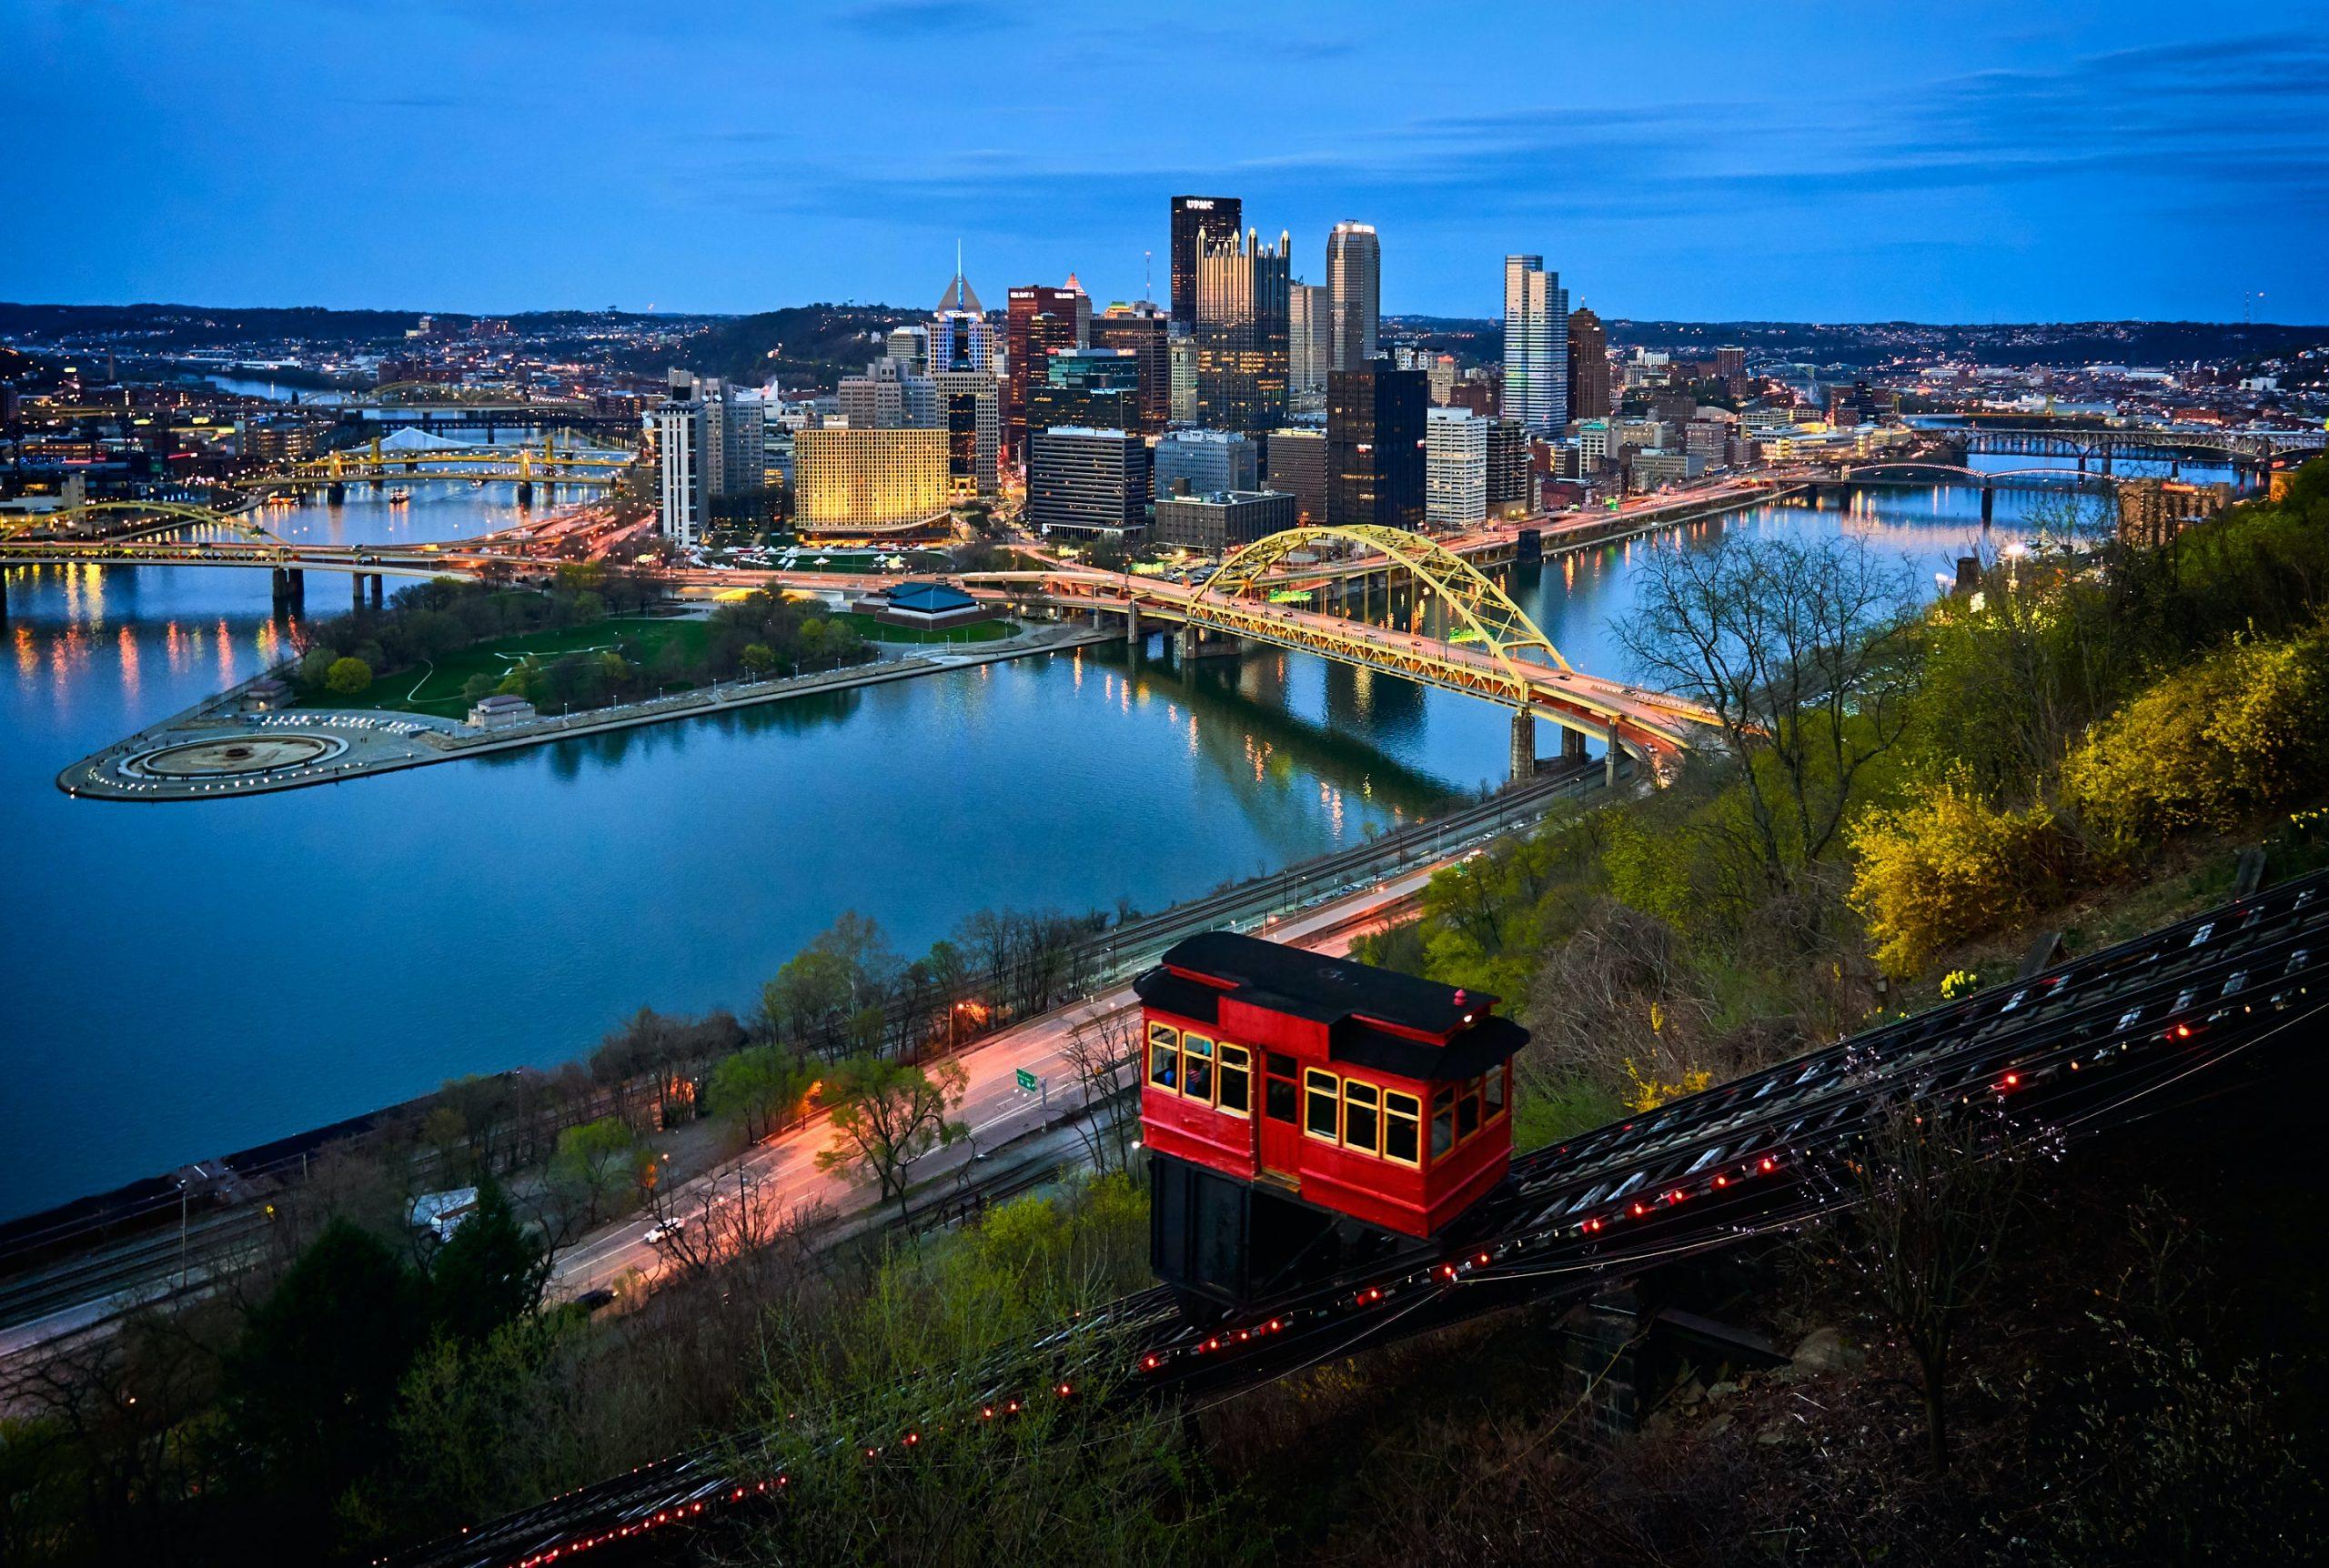 Pittsburgh PA USA By Vidar Nordli Mathisen [unsplash]